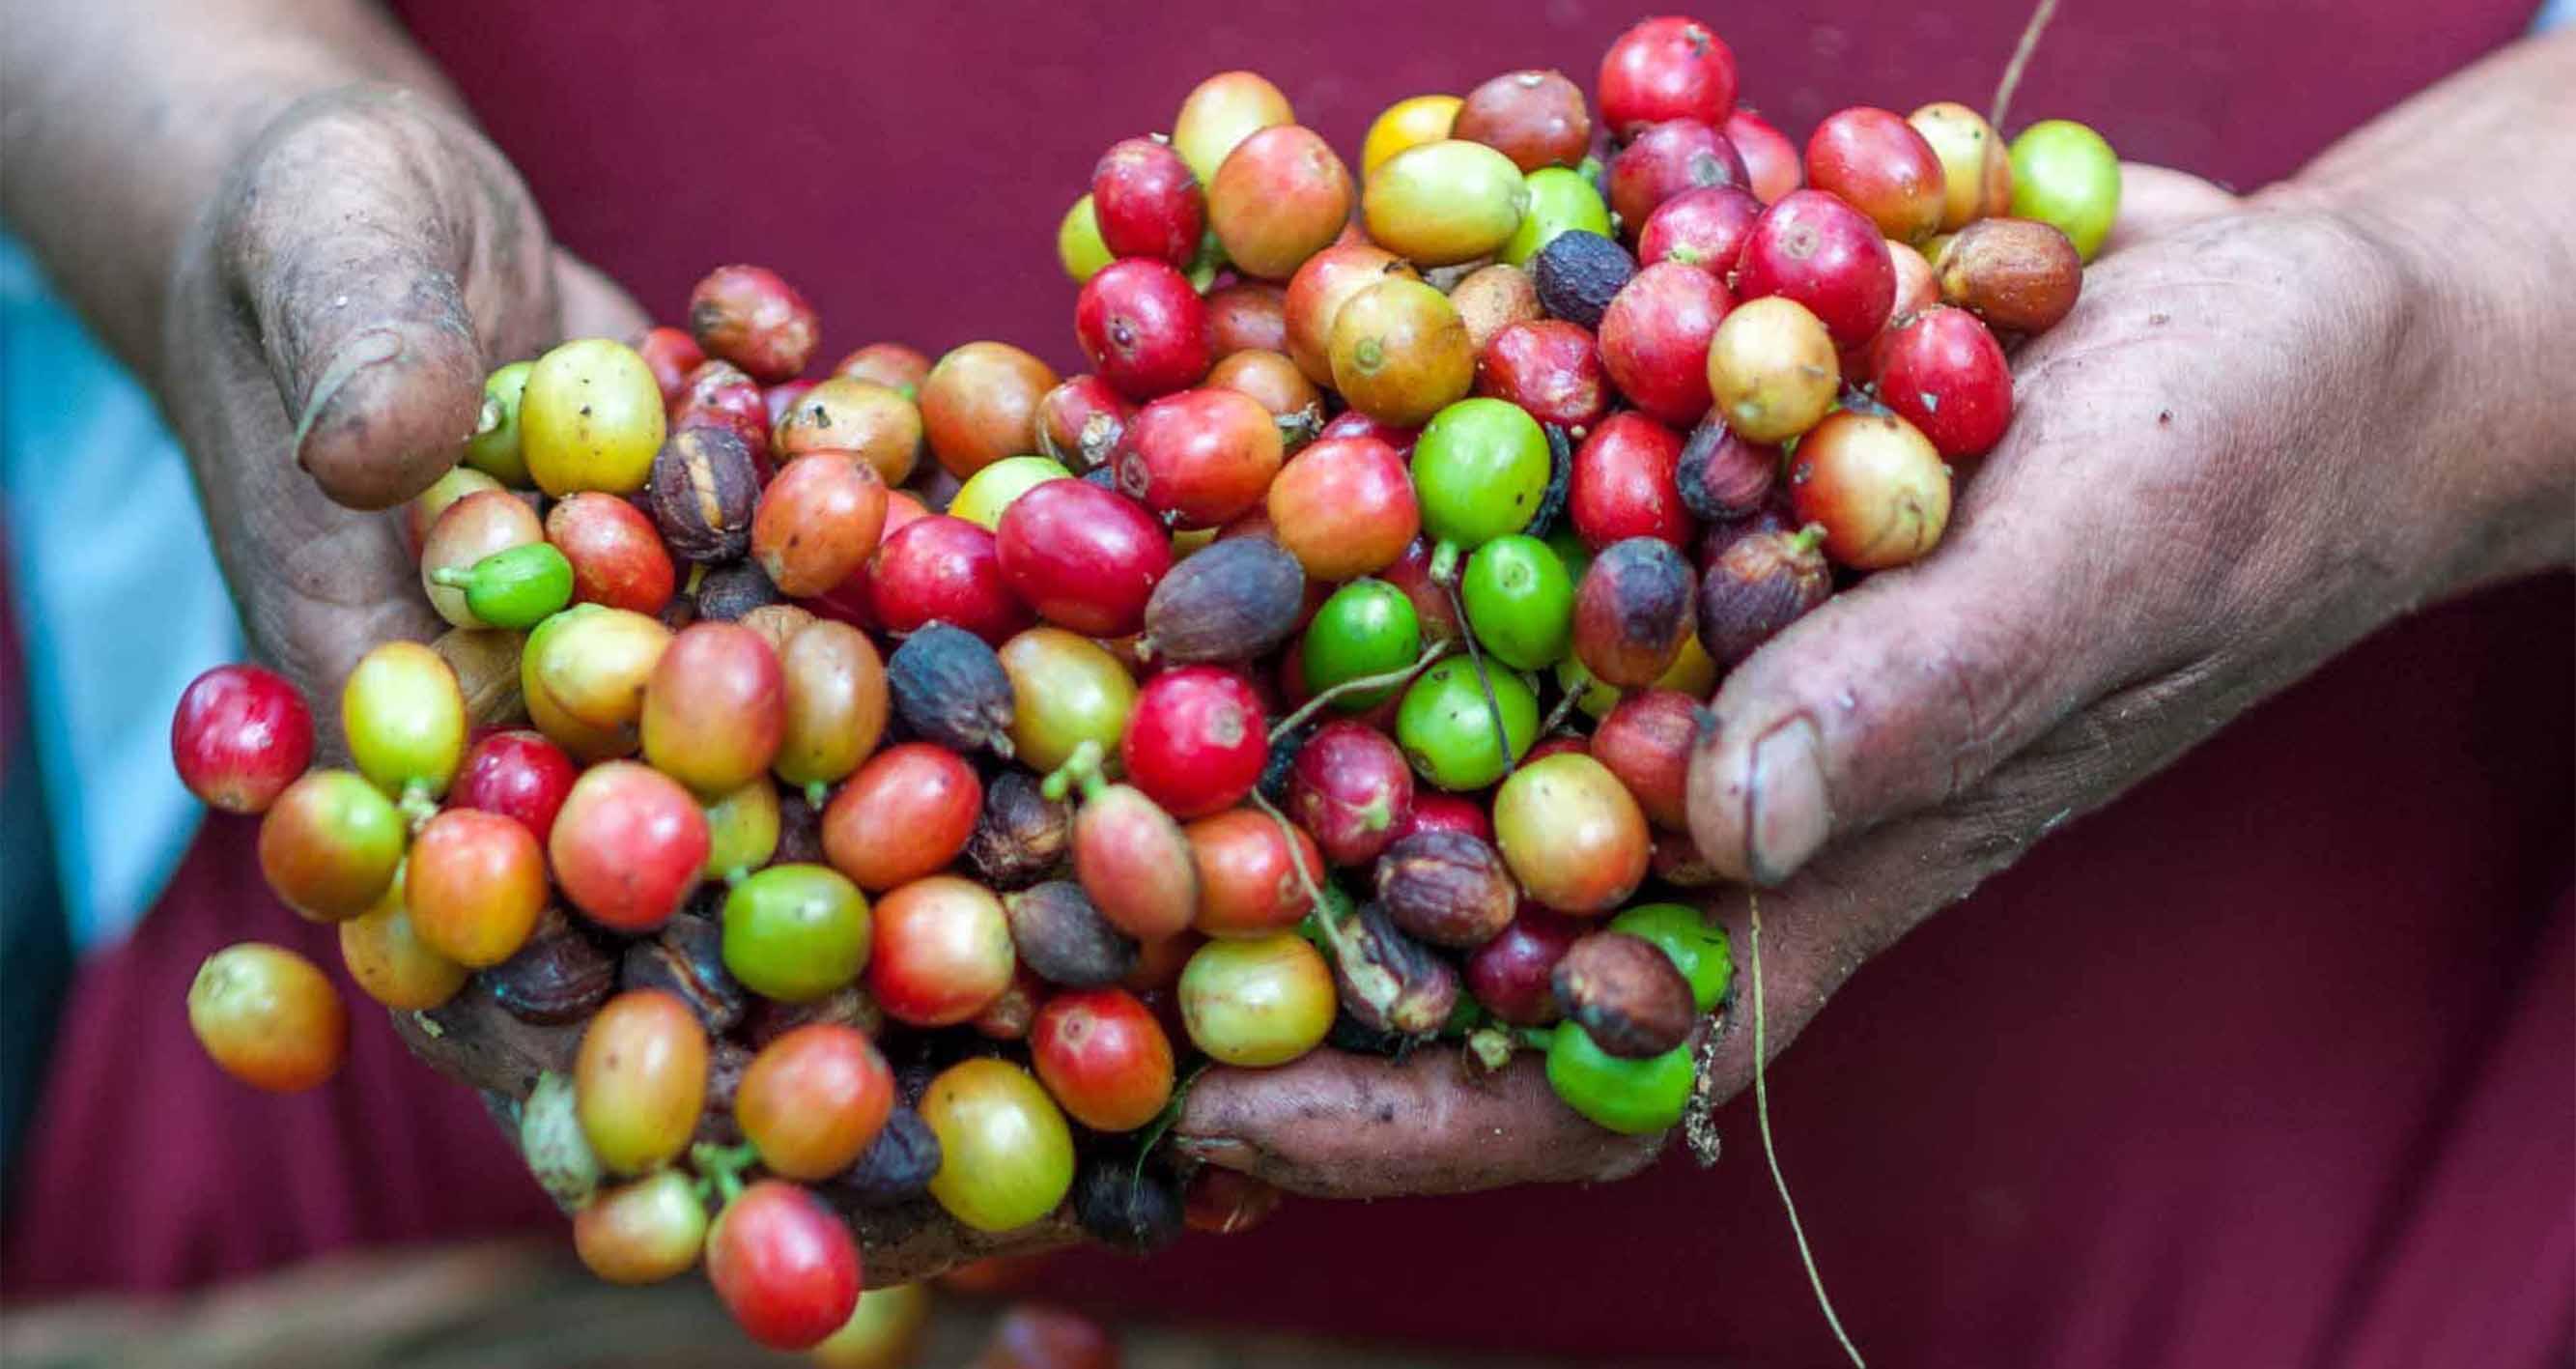 Jemen - Úžasná káva s dlouhou historií